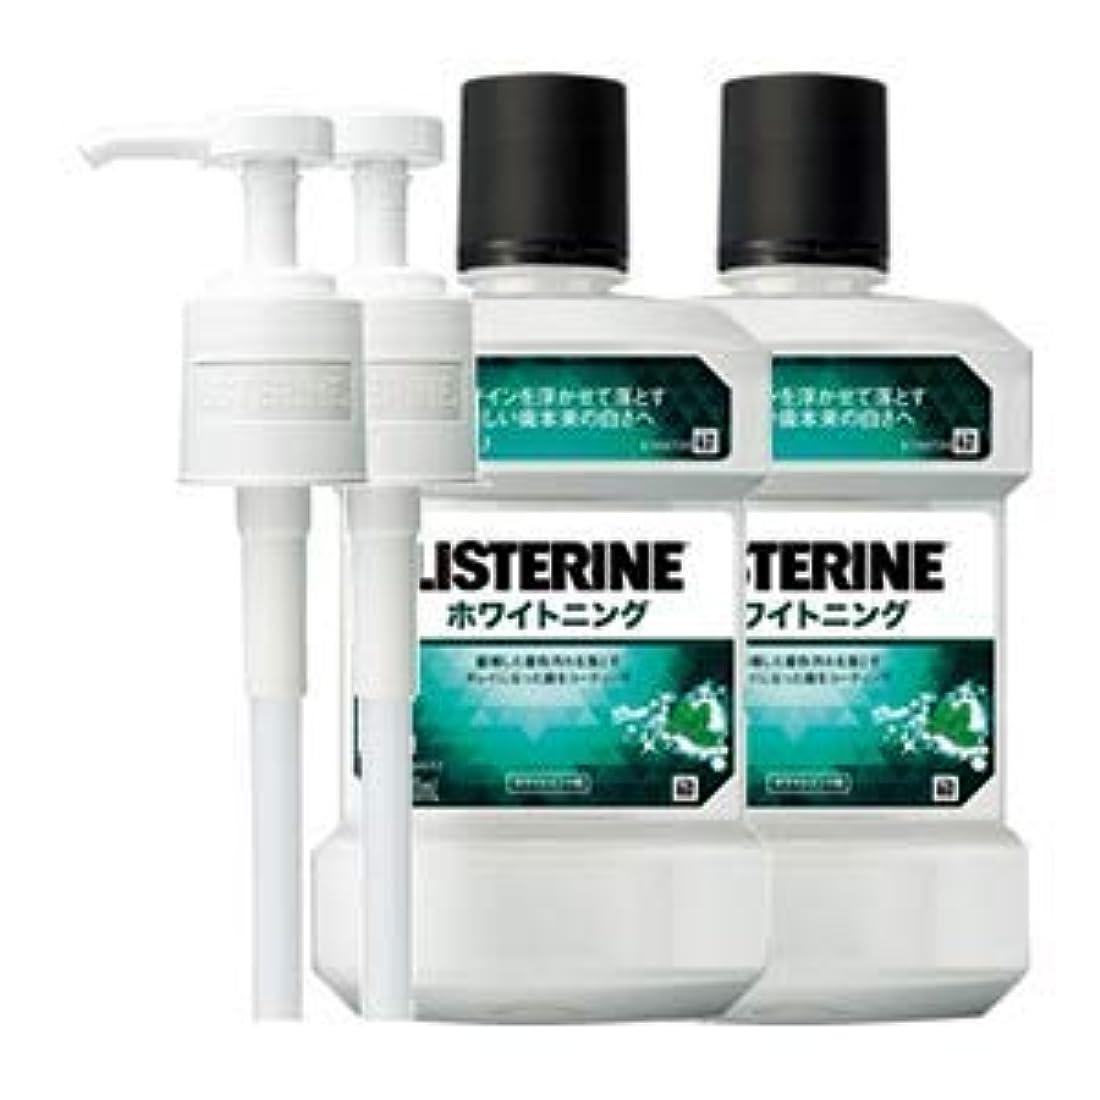 ネクタイ端カメラ薬用 リステリン ホワイトニング (液体歯磨) 1000mL 2点セット (ポンプ付)